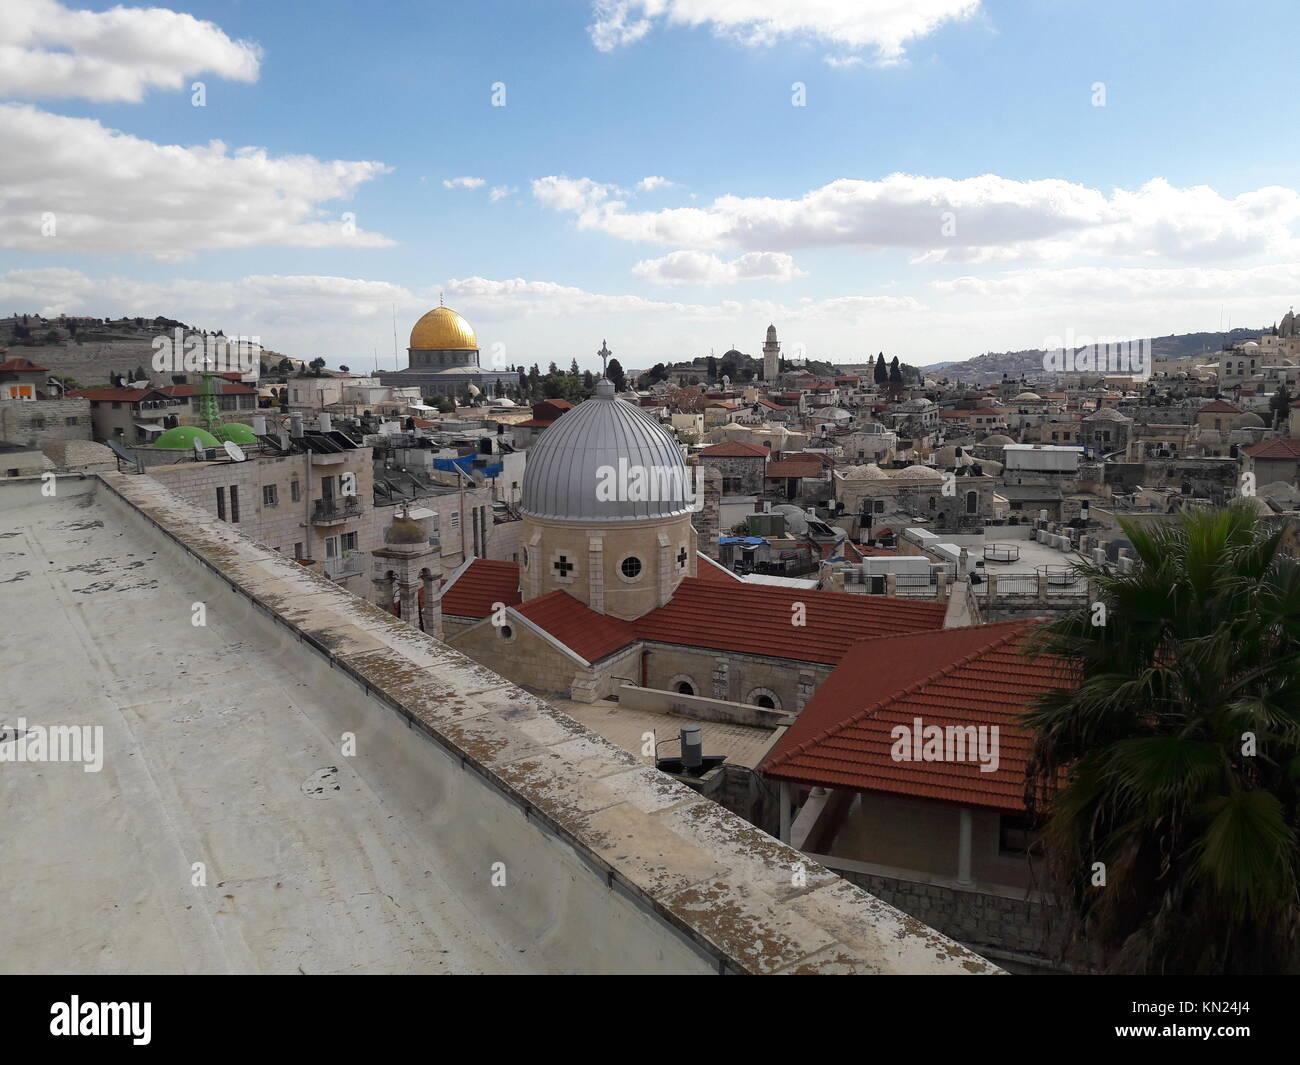 Imagen De La Ciudad Vieja De Jerusalén Israel Tomada Desde